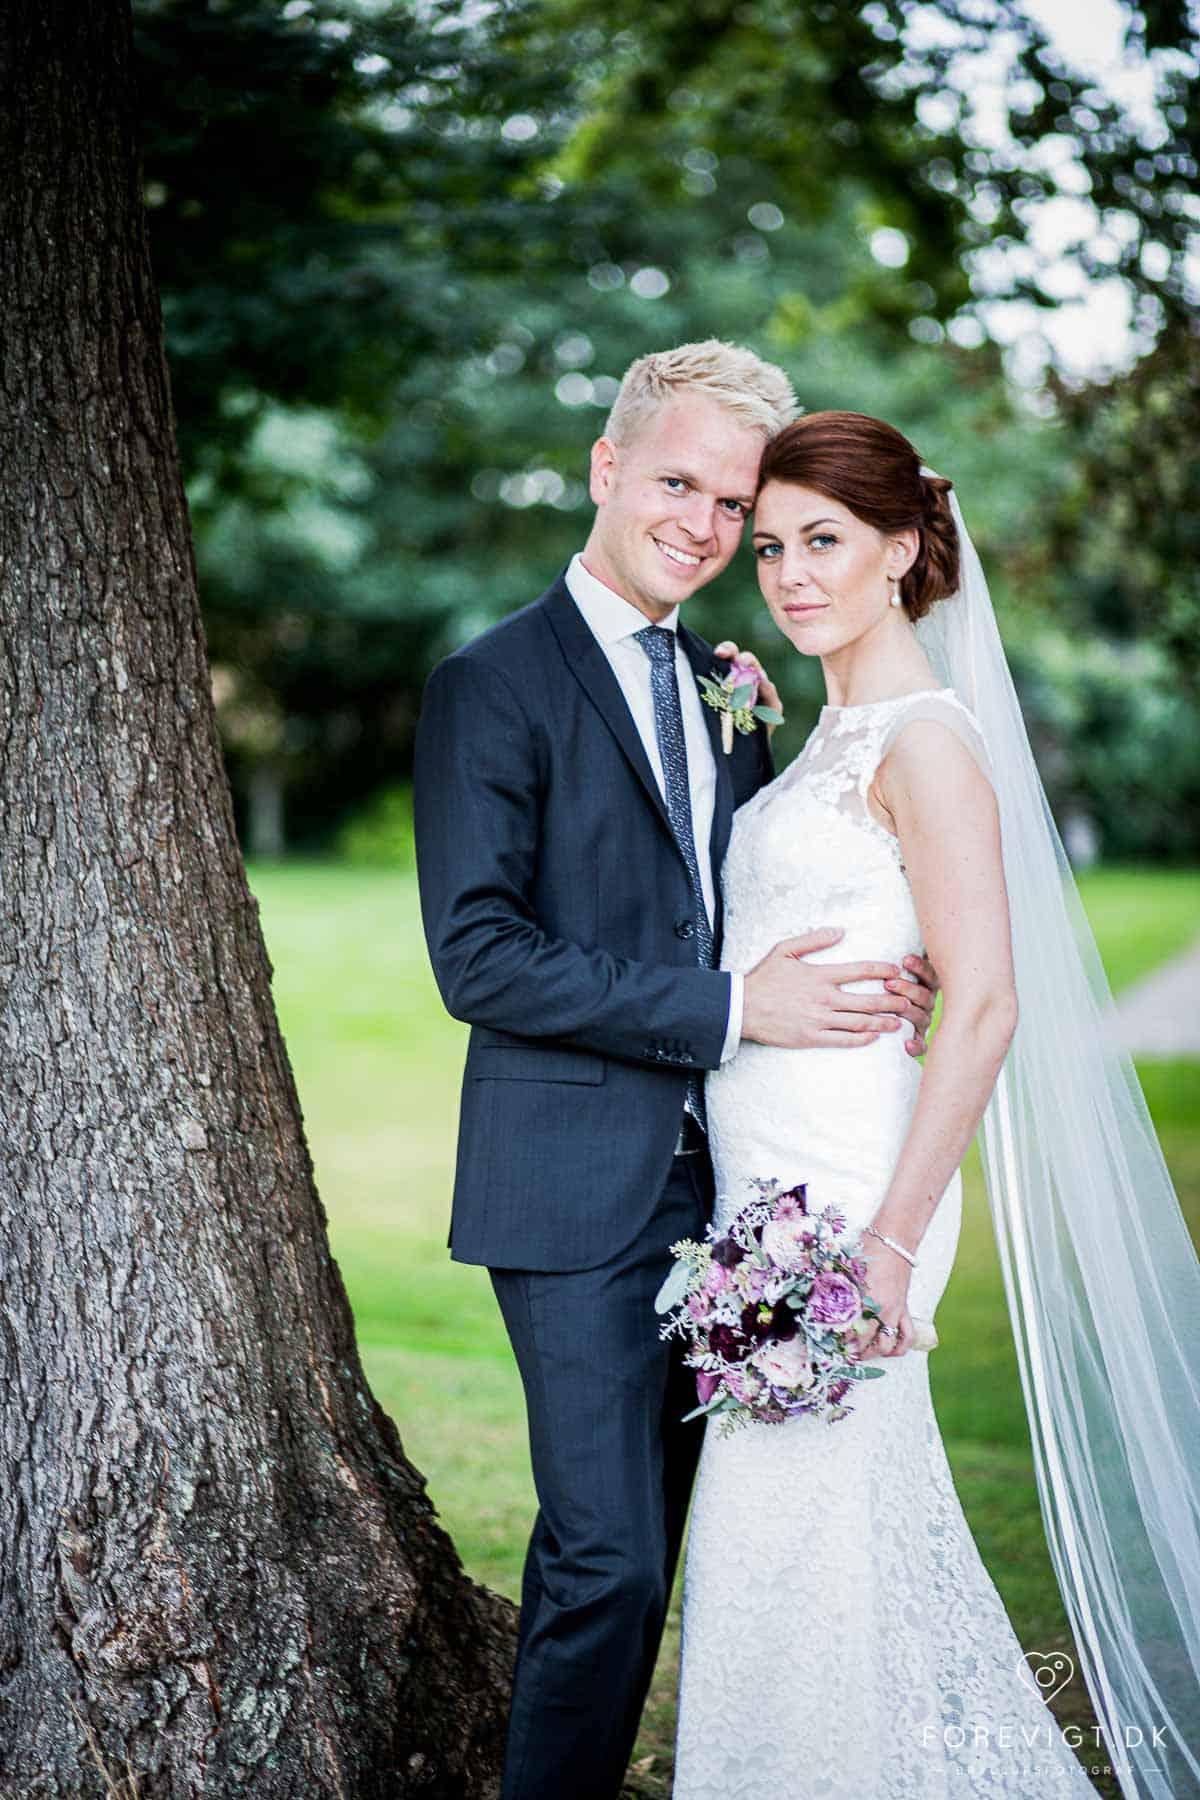 Landsdækkende bryllupsfotograf med base i Aarhus